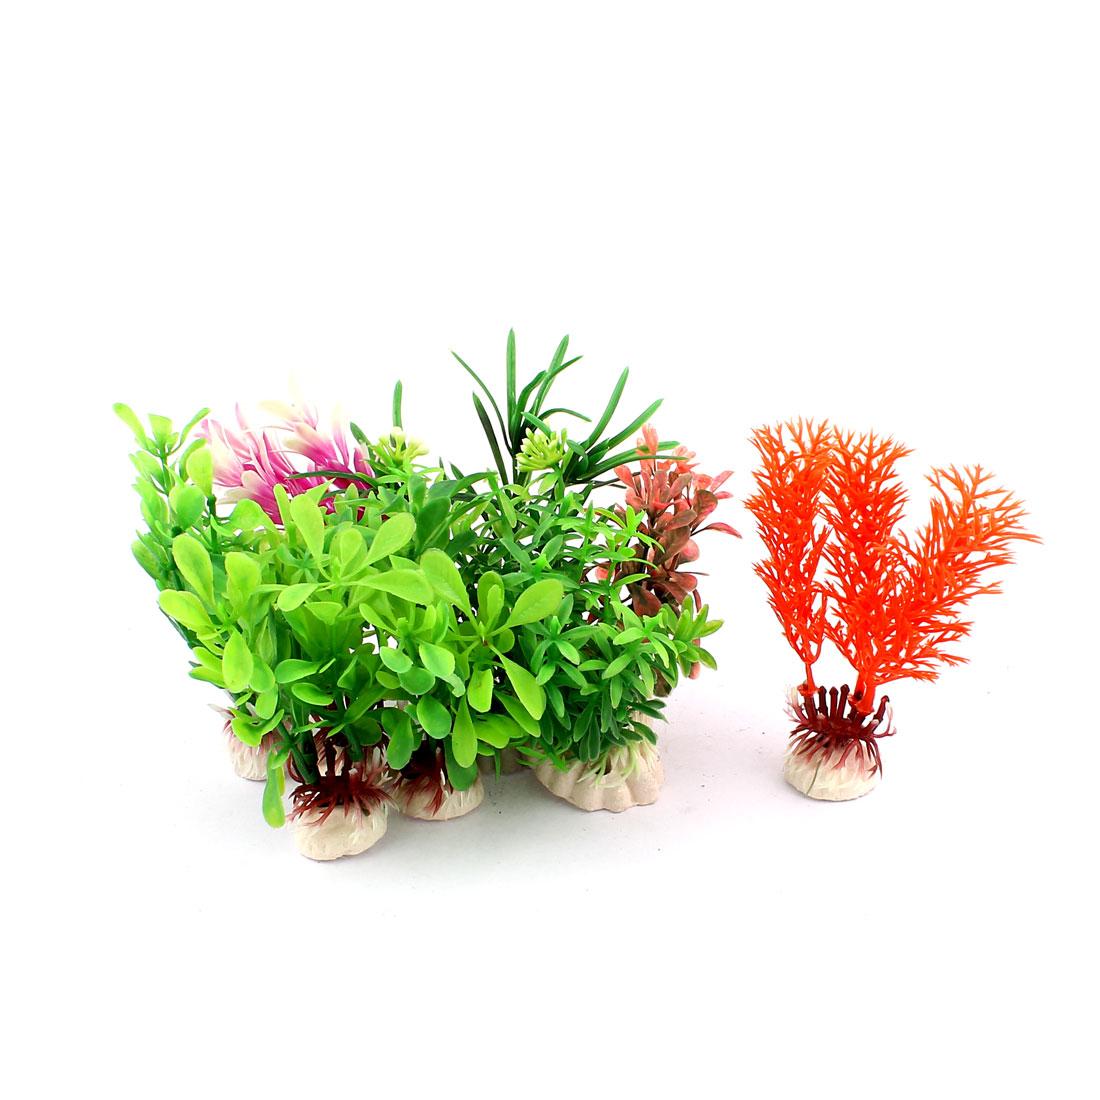 Ceramic Base Plastic Simulation Sea Weeds Aquarium Plant Grass Decoration 10PCS